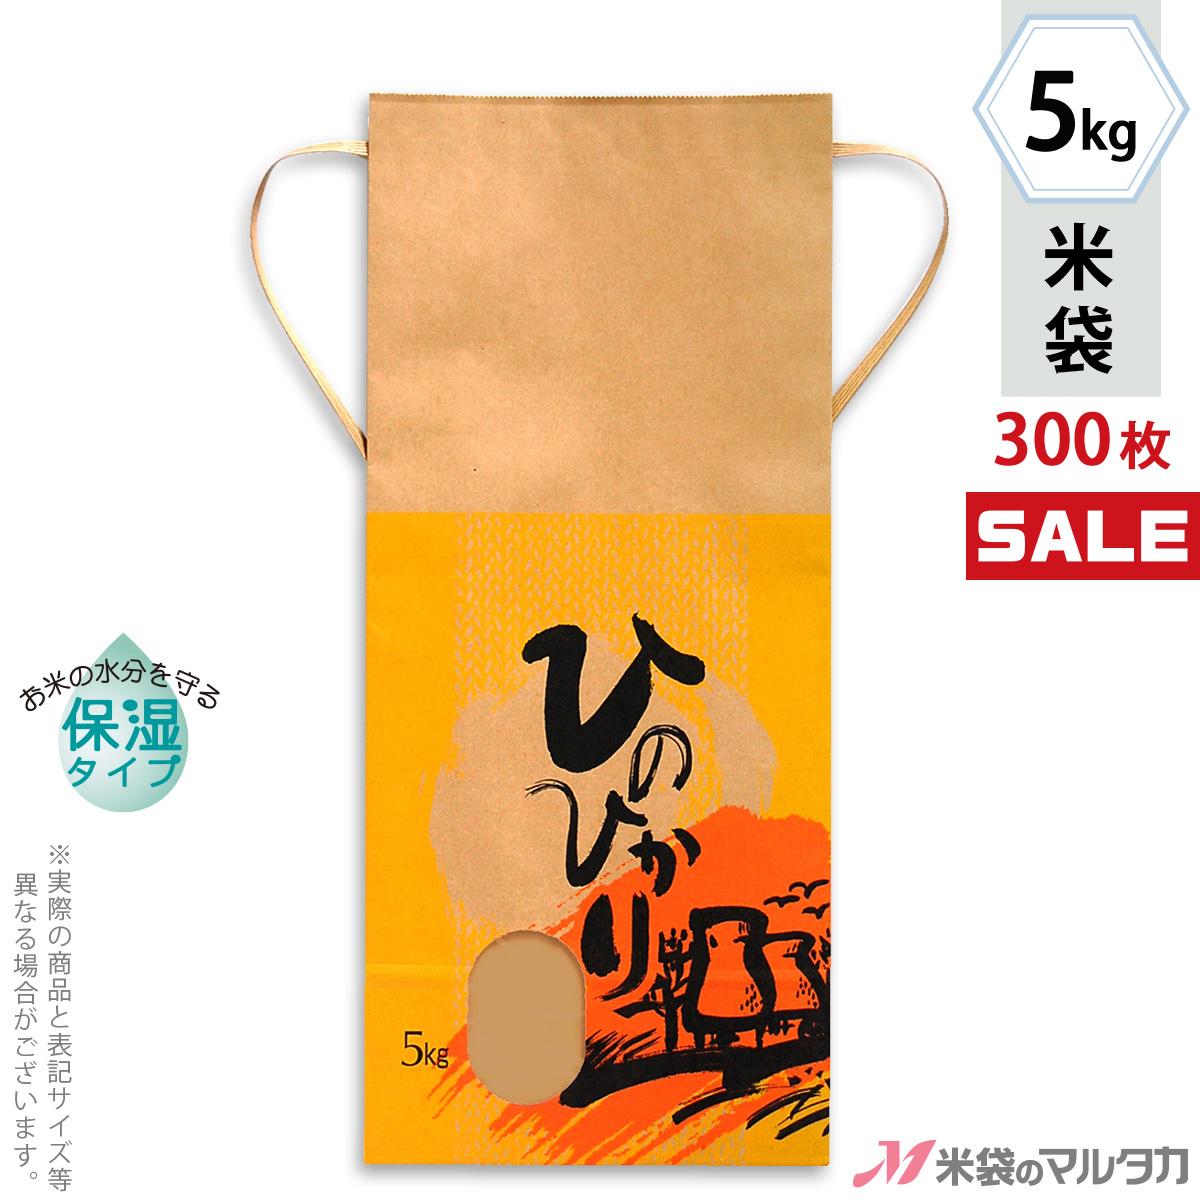 <キャンペーン対応>米袋 KHP-140 マルタカ クラフトSP 保湿タイプ ひのひかり 夕焼けこやけ 窓付 角底 5kg用紐付 【米袋 5kg】【1ケース(300枚入)】